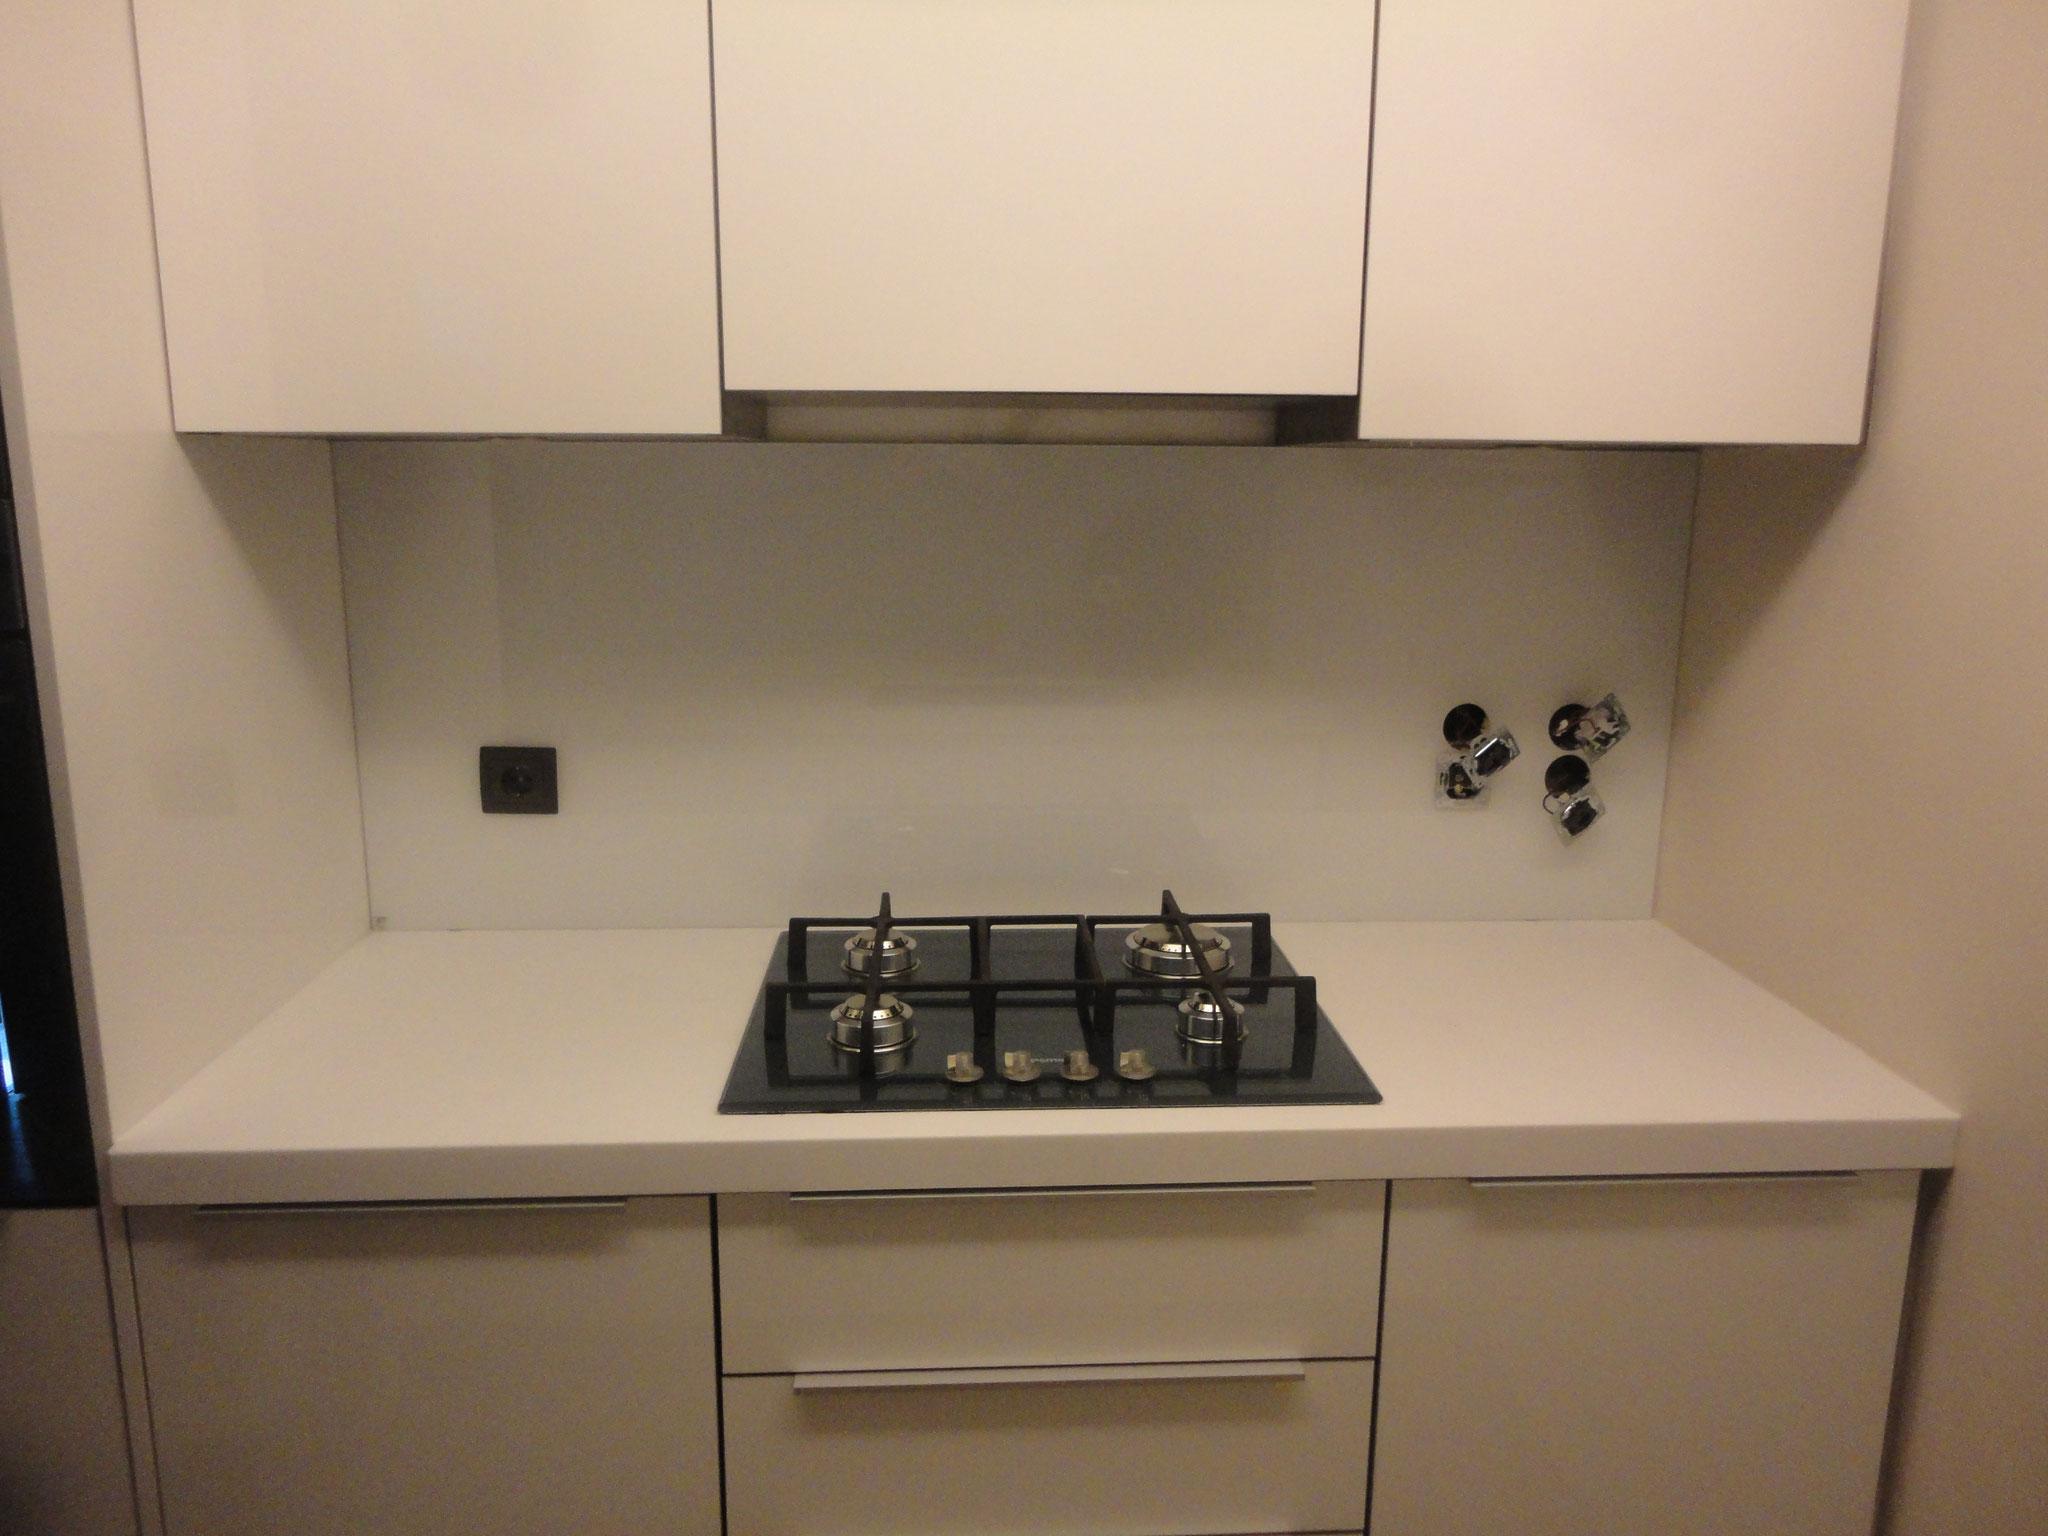 Γυάλινη πλάτη κουζίνας, επένδυση πλάτης-τοίχου κουζίνας με γυαλί-τζάμι